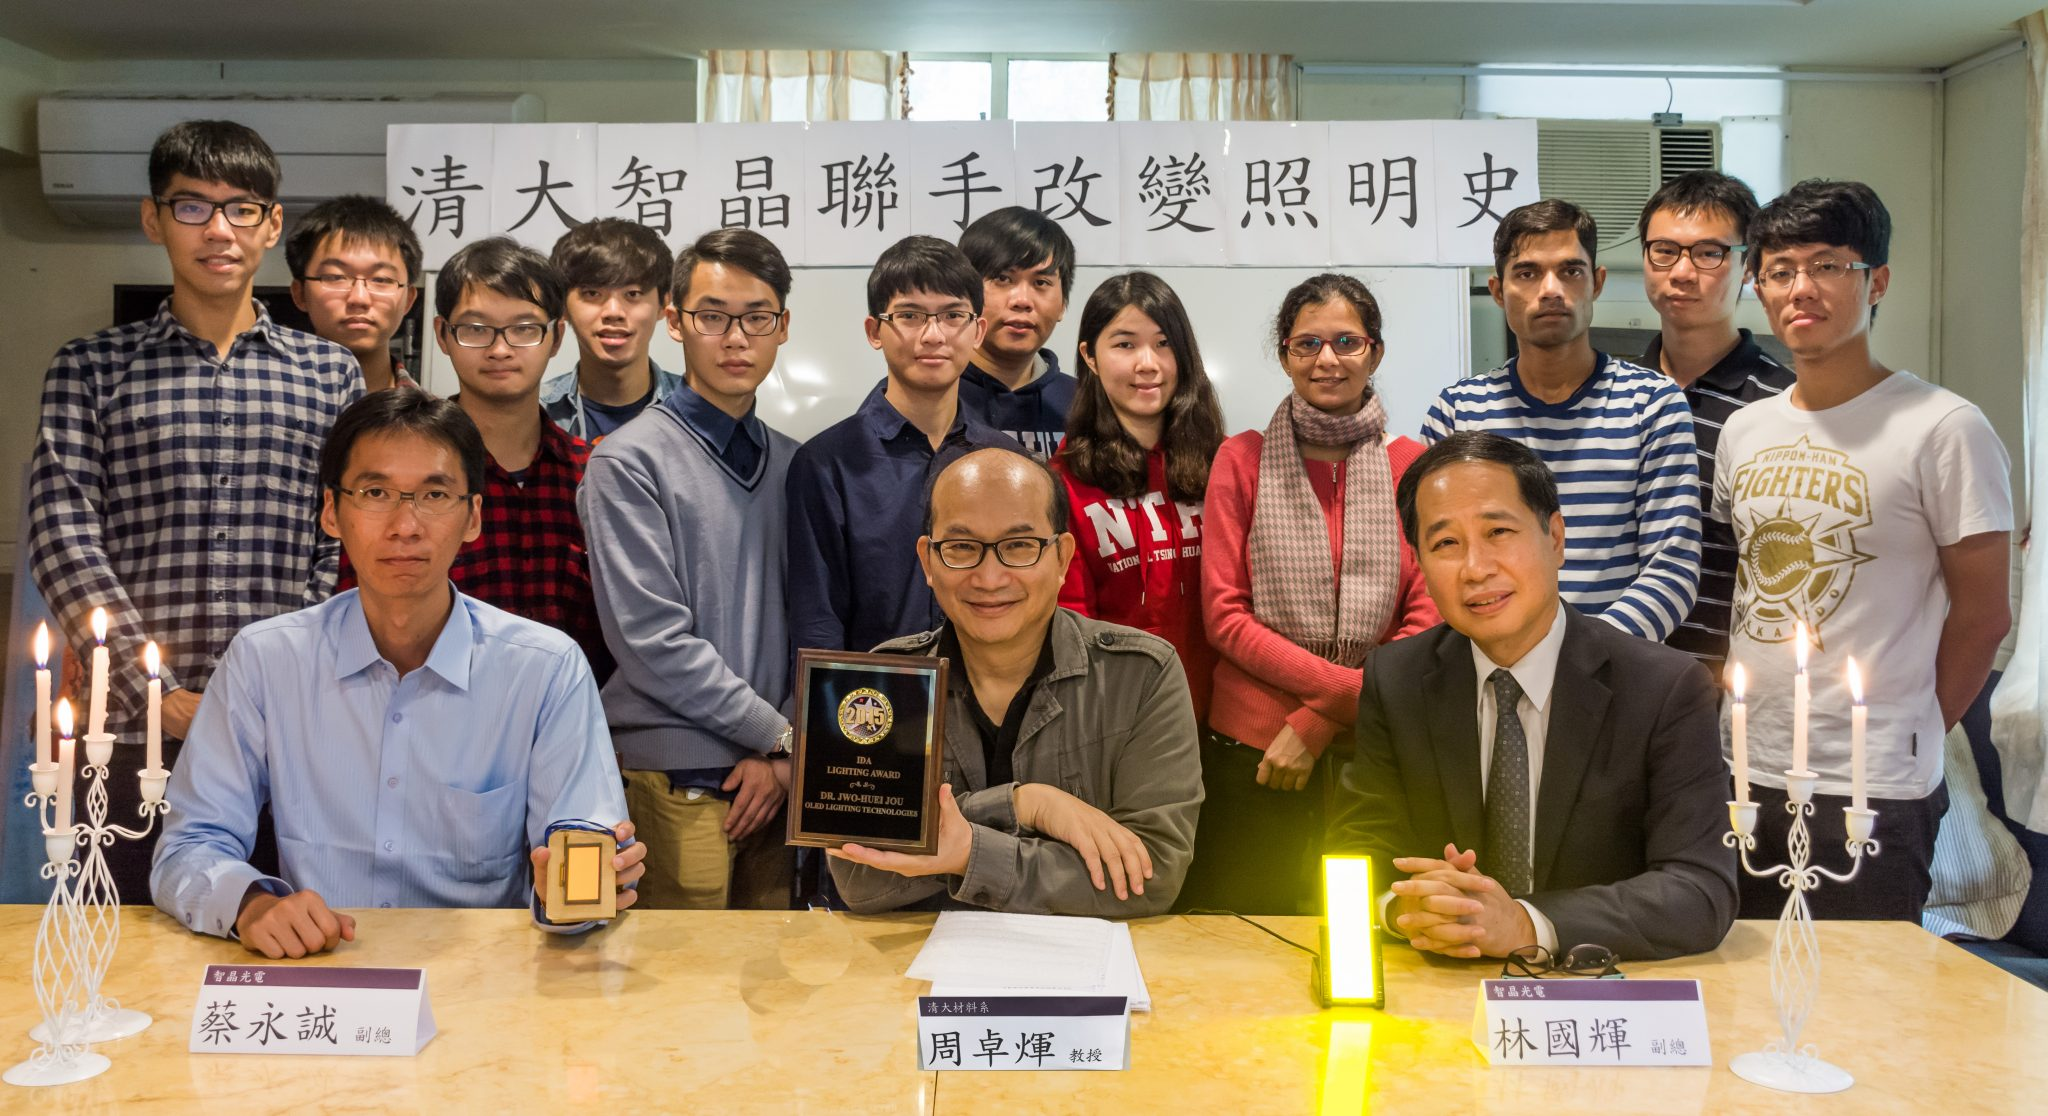 Professor Jou's Research Team, Source: NTHU